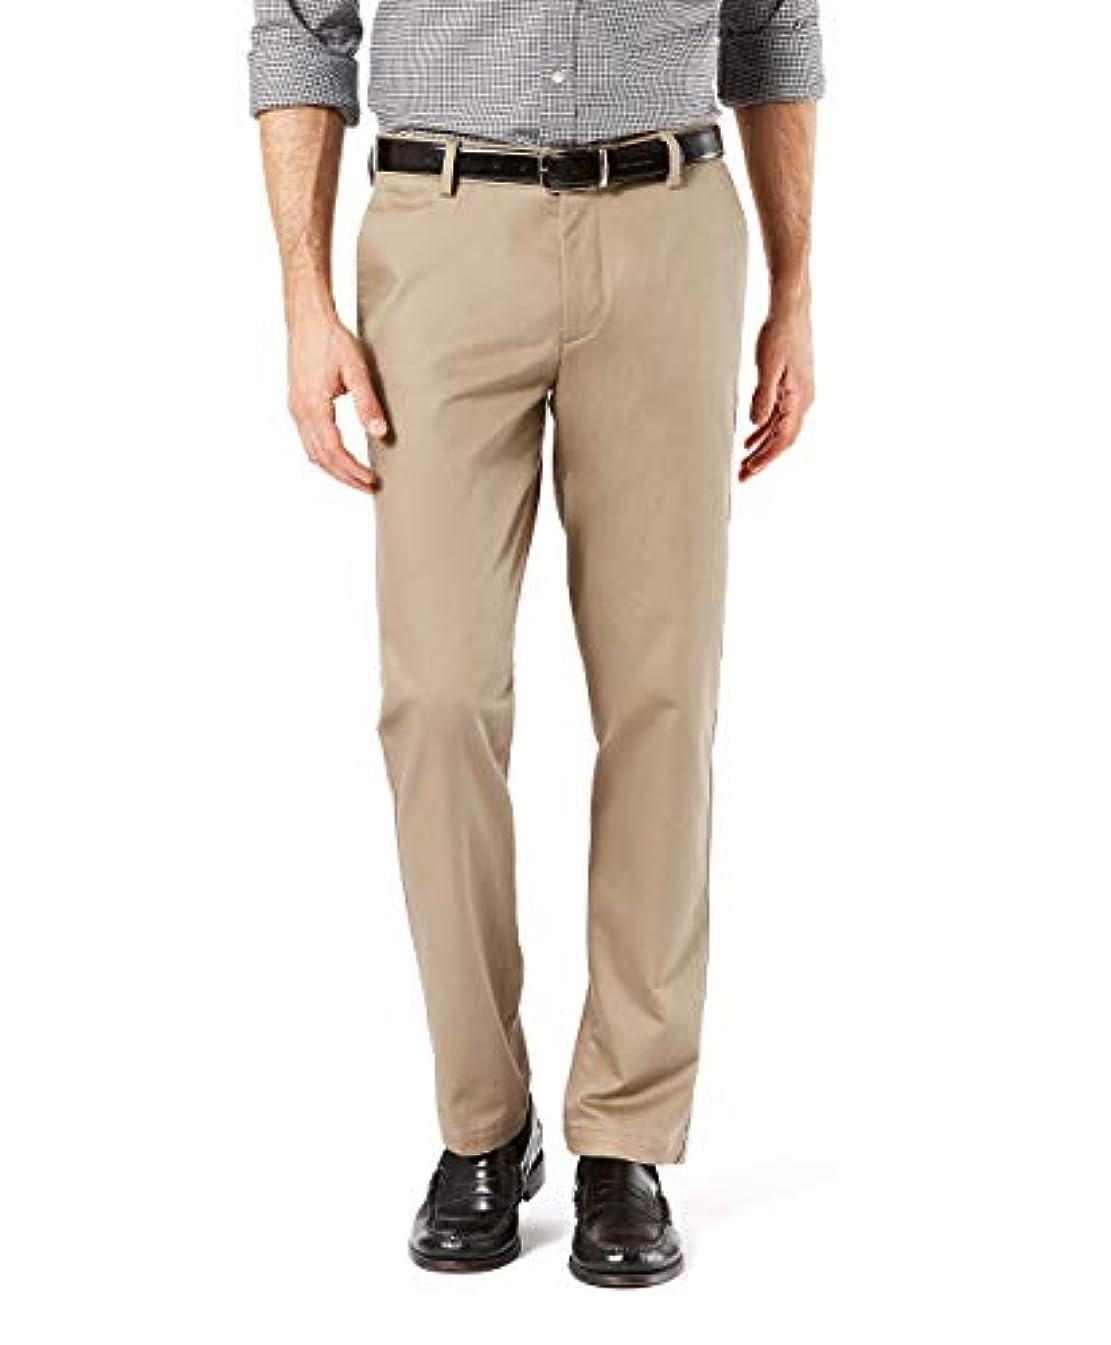 Dockers Men's Slim Fit Signature Khaki Lux Cotton Stretch Pants D1